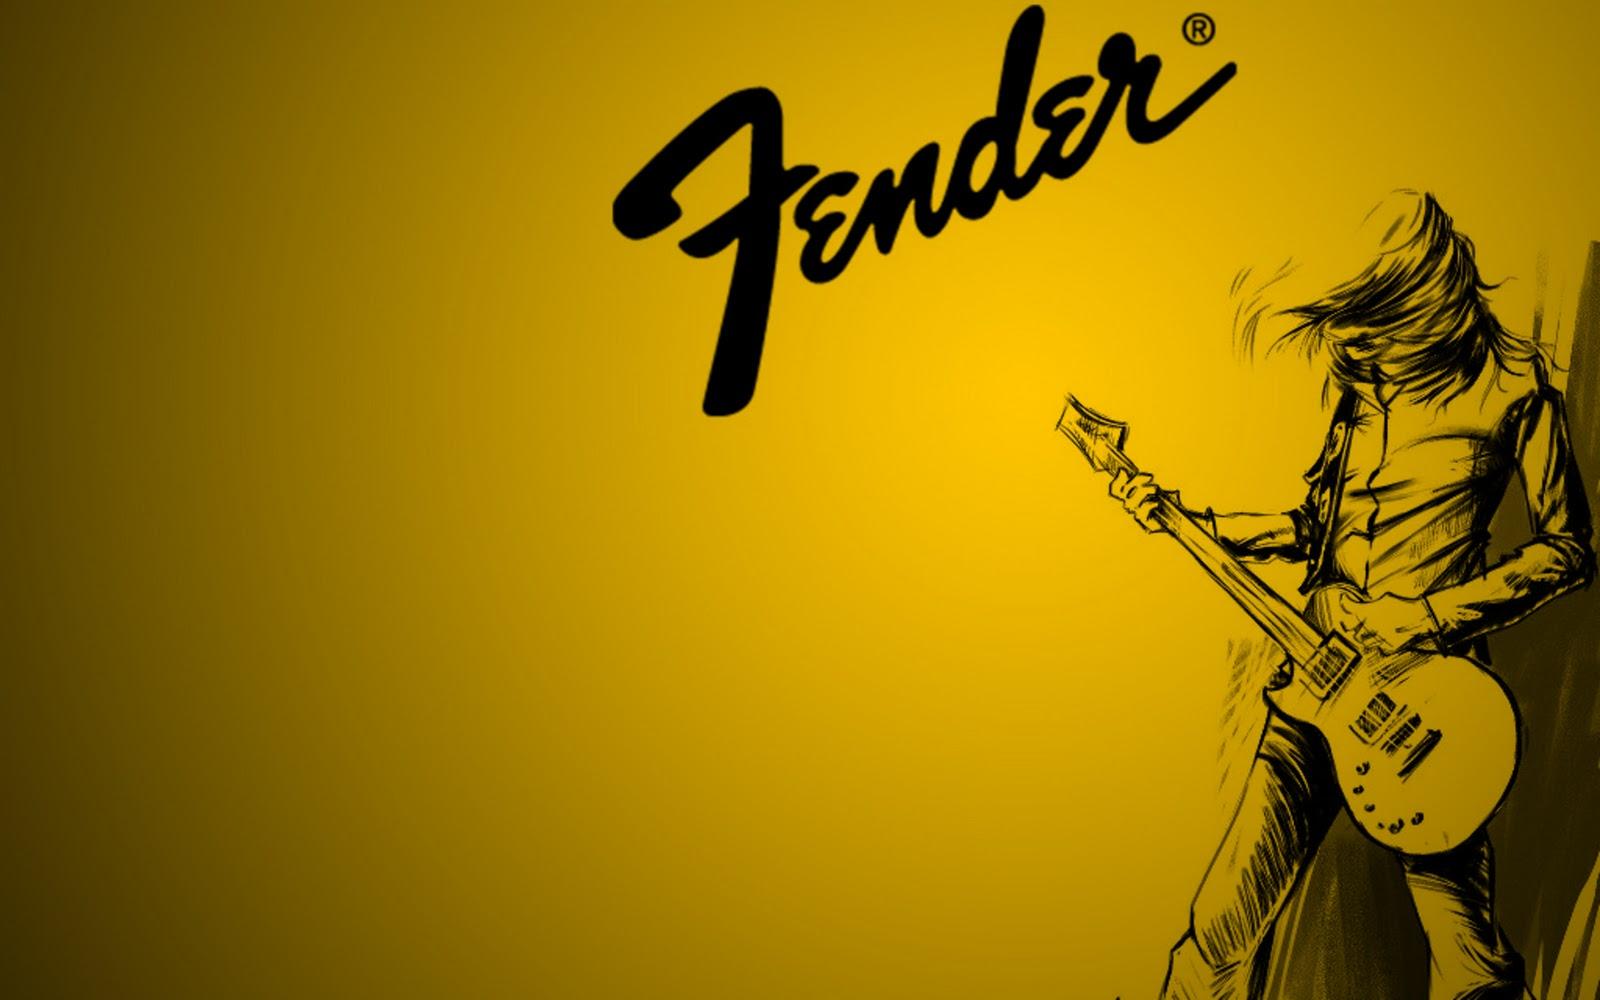 wallpapers 1way Bass Wallpaper Fender 1600x1000